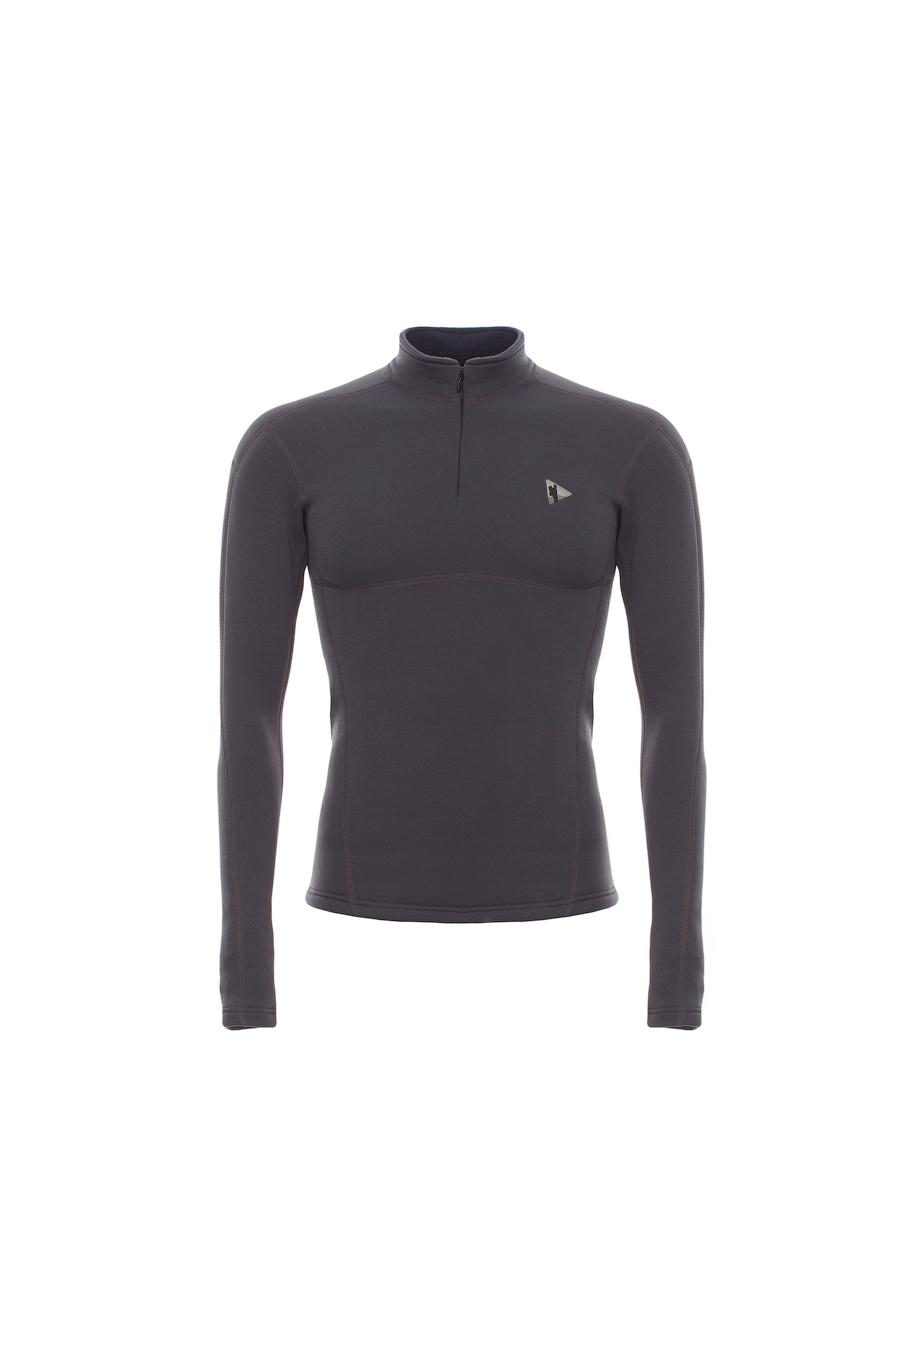 Куртка BASK T-SKIN MAN JACKET V2 3601aТёплая  толстовка из&amp;nbsp;ткани Polartec® Power Stretch® Pro. Ткань не&amp;nbsp;вытягивается. Позиционируется как термобелье спортивное, облегает тело и не накапливает влагу.<br><br>Вес изделия: 297<br>Воротник: Да<br>Материал: Polartec® Power Stretch® Pro<br>Молнии: Да<br>Плотность ткани: 241<br>Пол: Муж.<br>Тип шва: плоский<br>Функциональная задняя молния: Нет<br>Размер INT: S<br>Цвет: ЧЕРНЫЙ